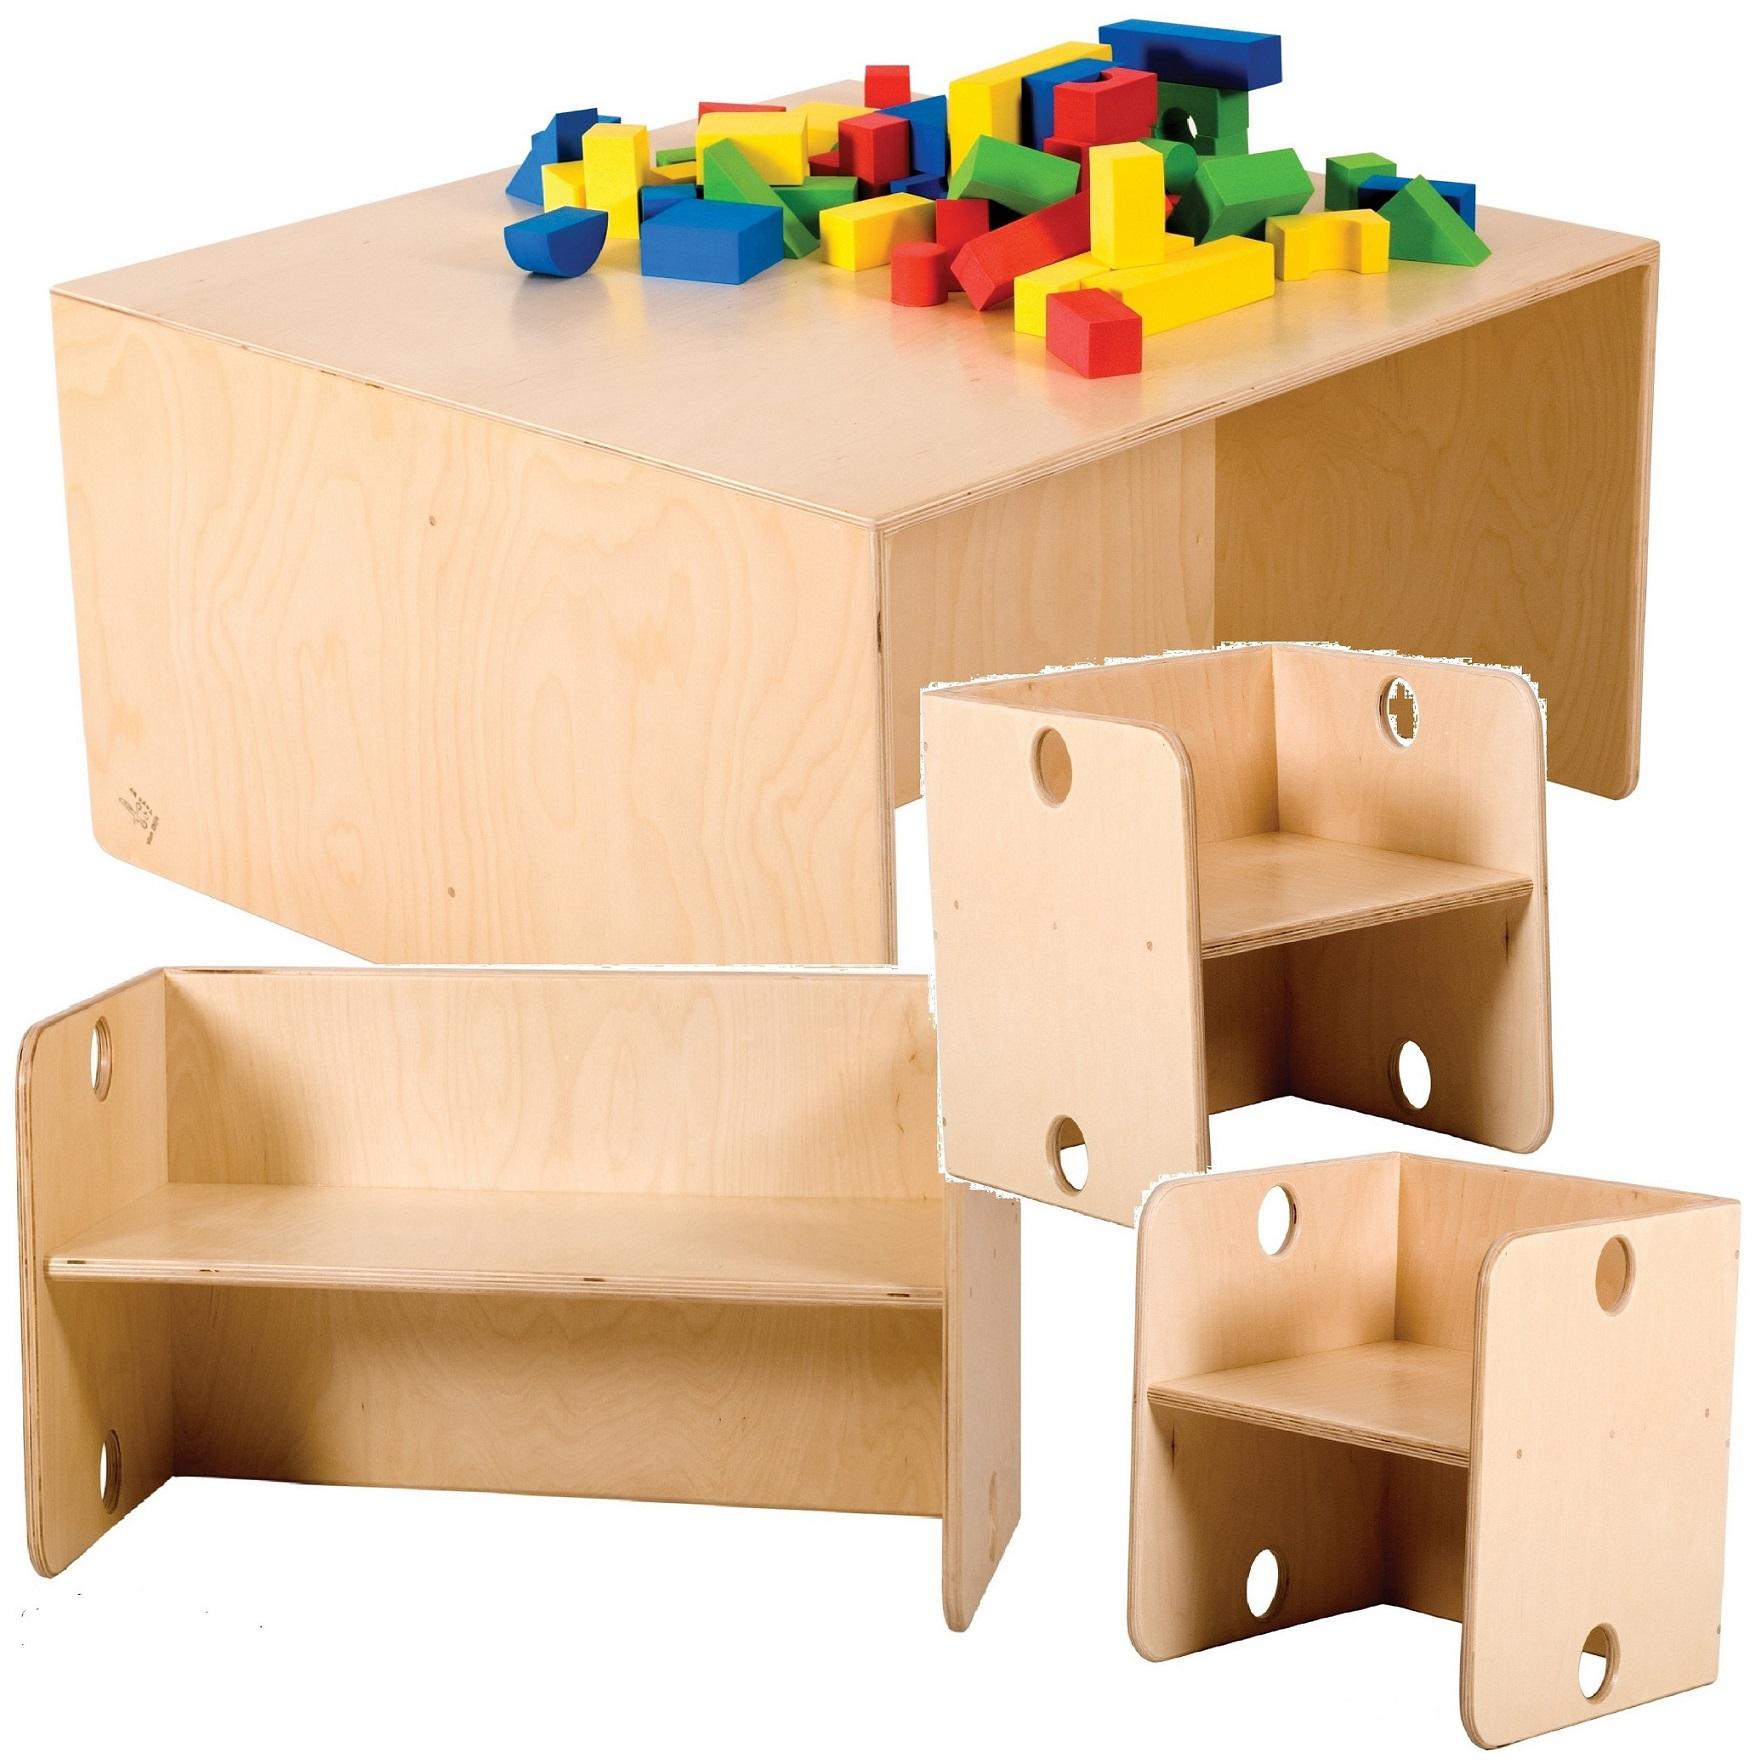 allstars tisch kindertisch bank 2 st hle m bel set zur. Black Bedroom Furniture Sets. Home Design Ideas